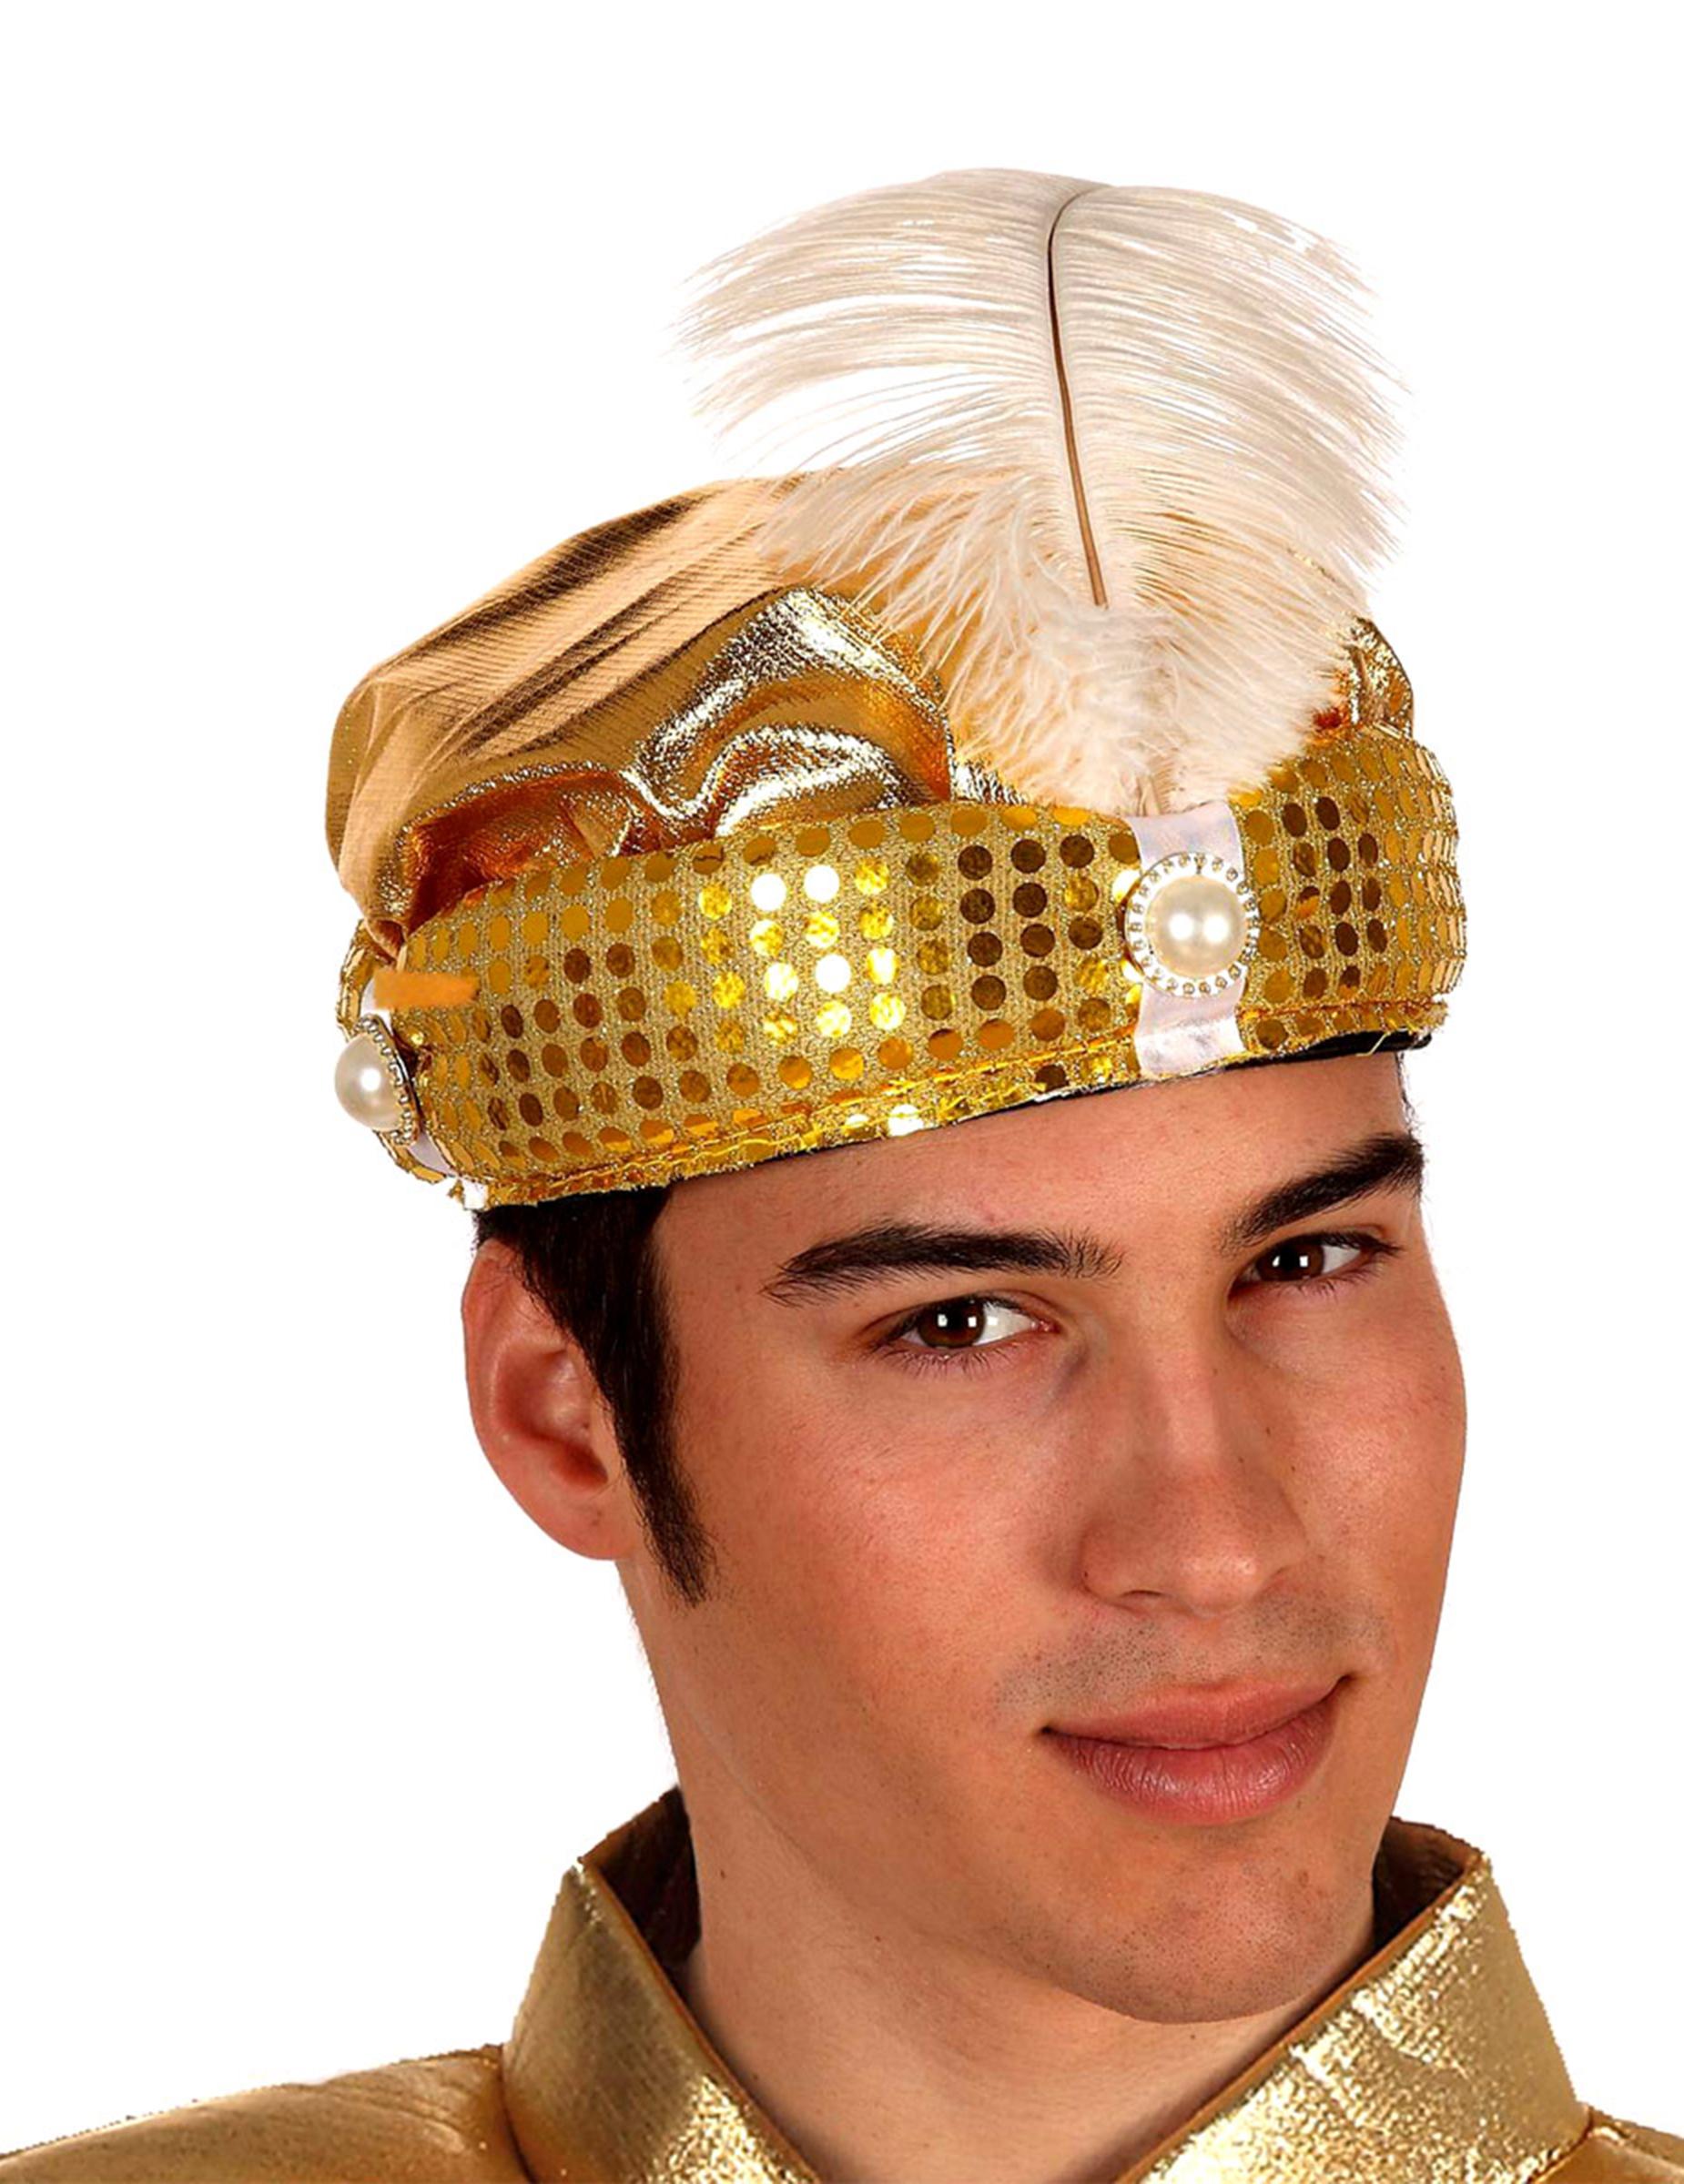 Cappello arabo adulti dorato  Cappelli 7a9302b7f874